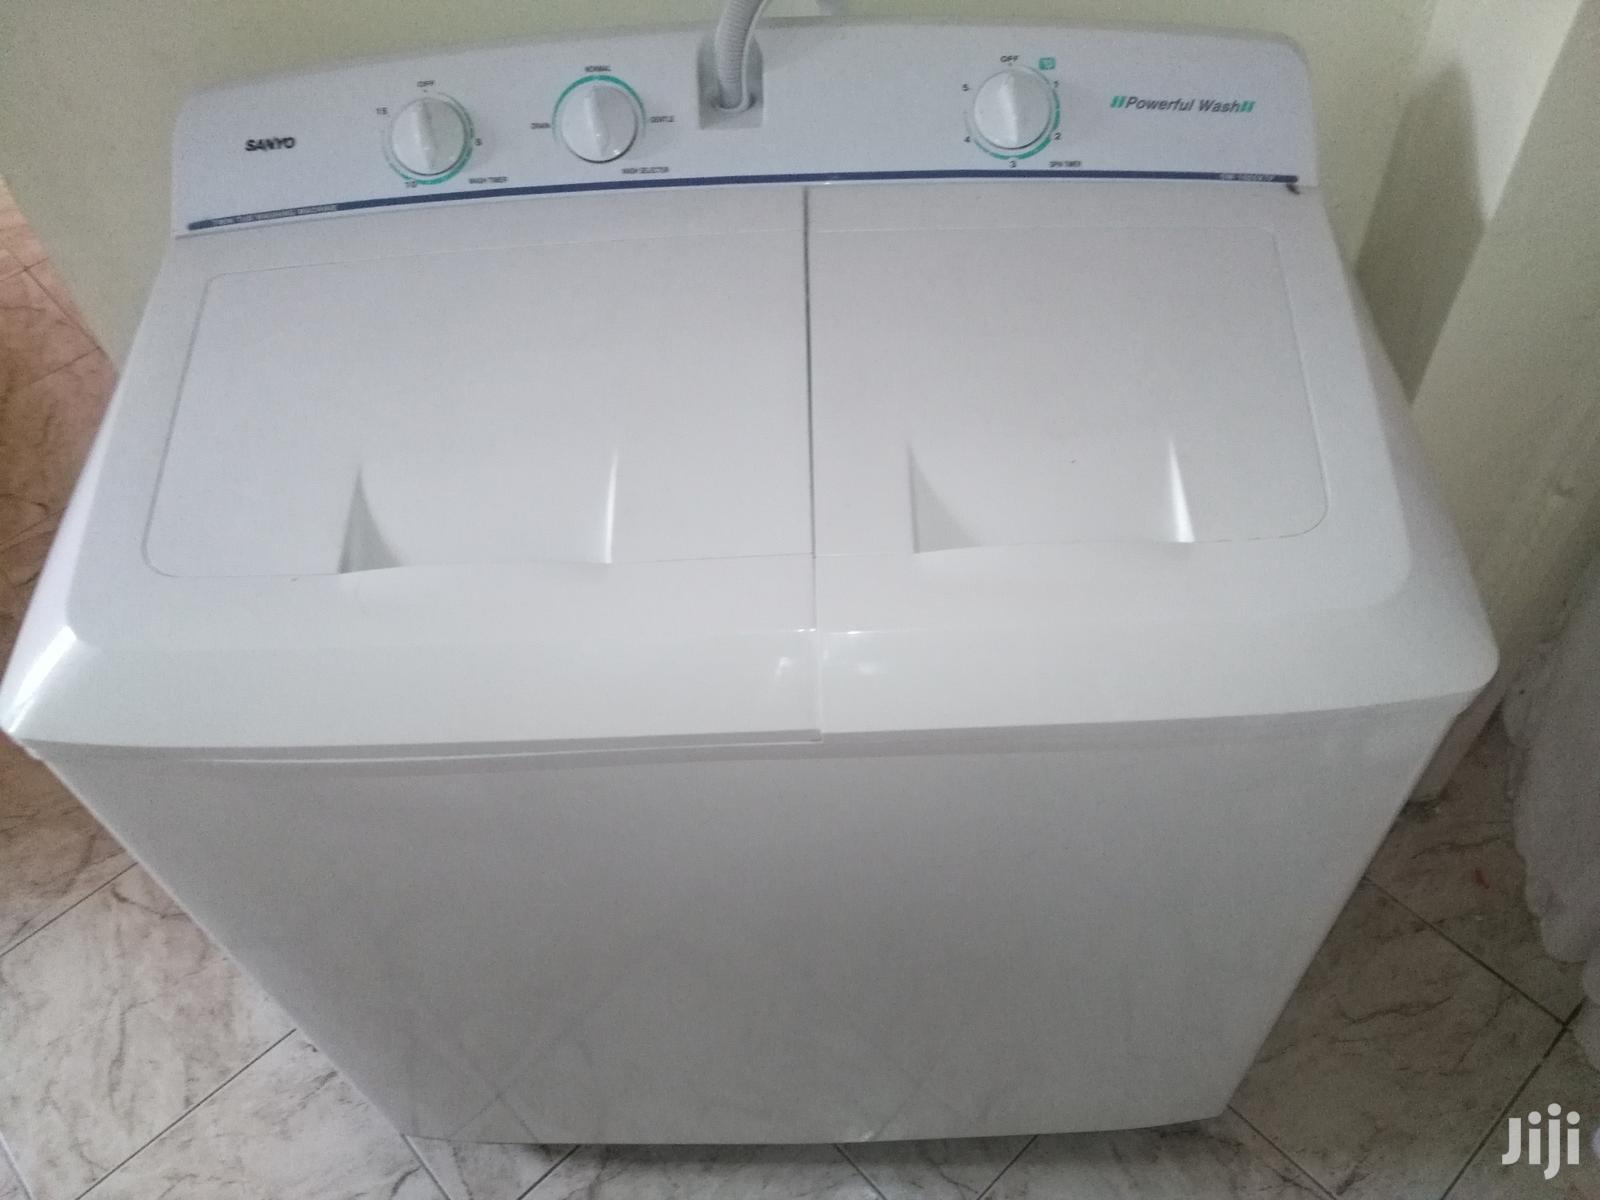 Archive: Sanyo Twin Tub Washing Machine